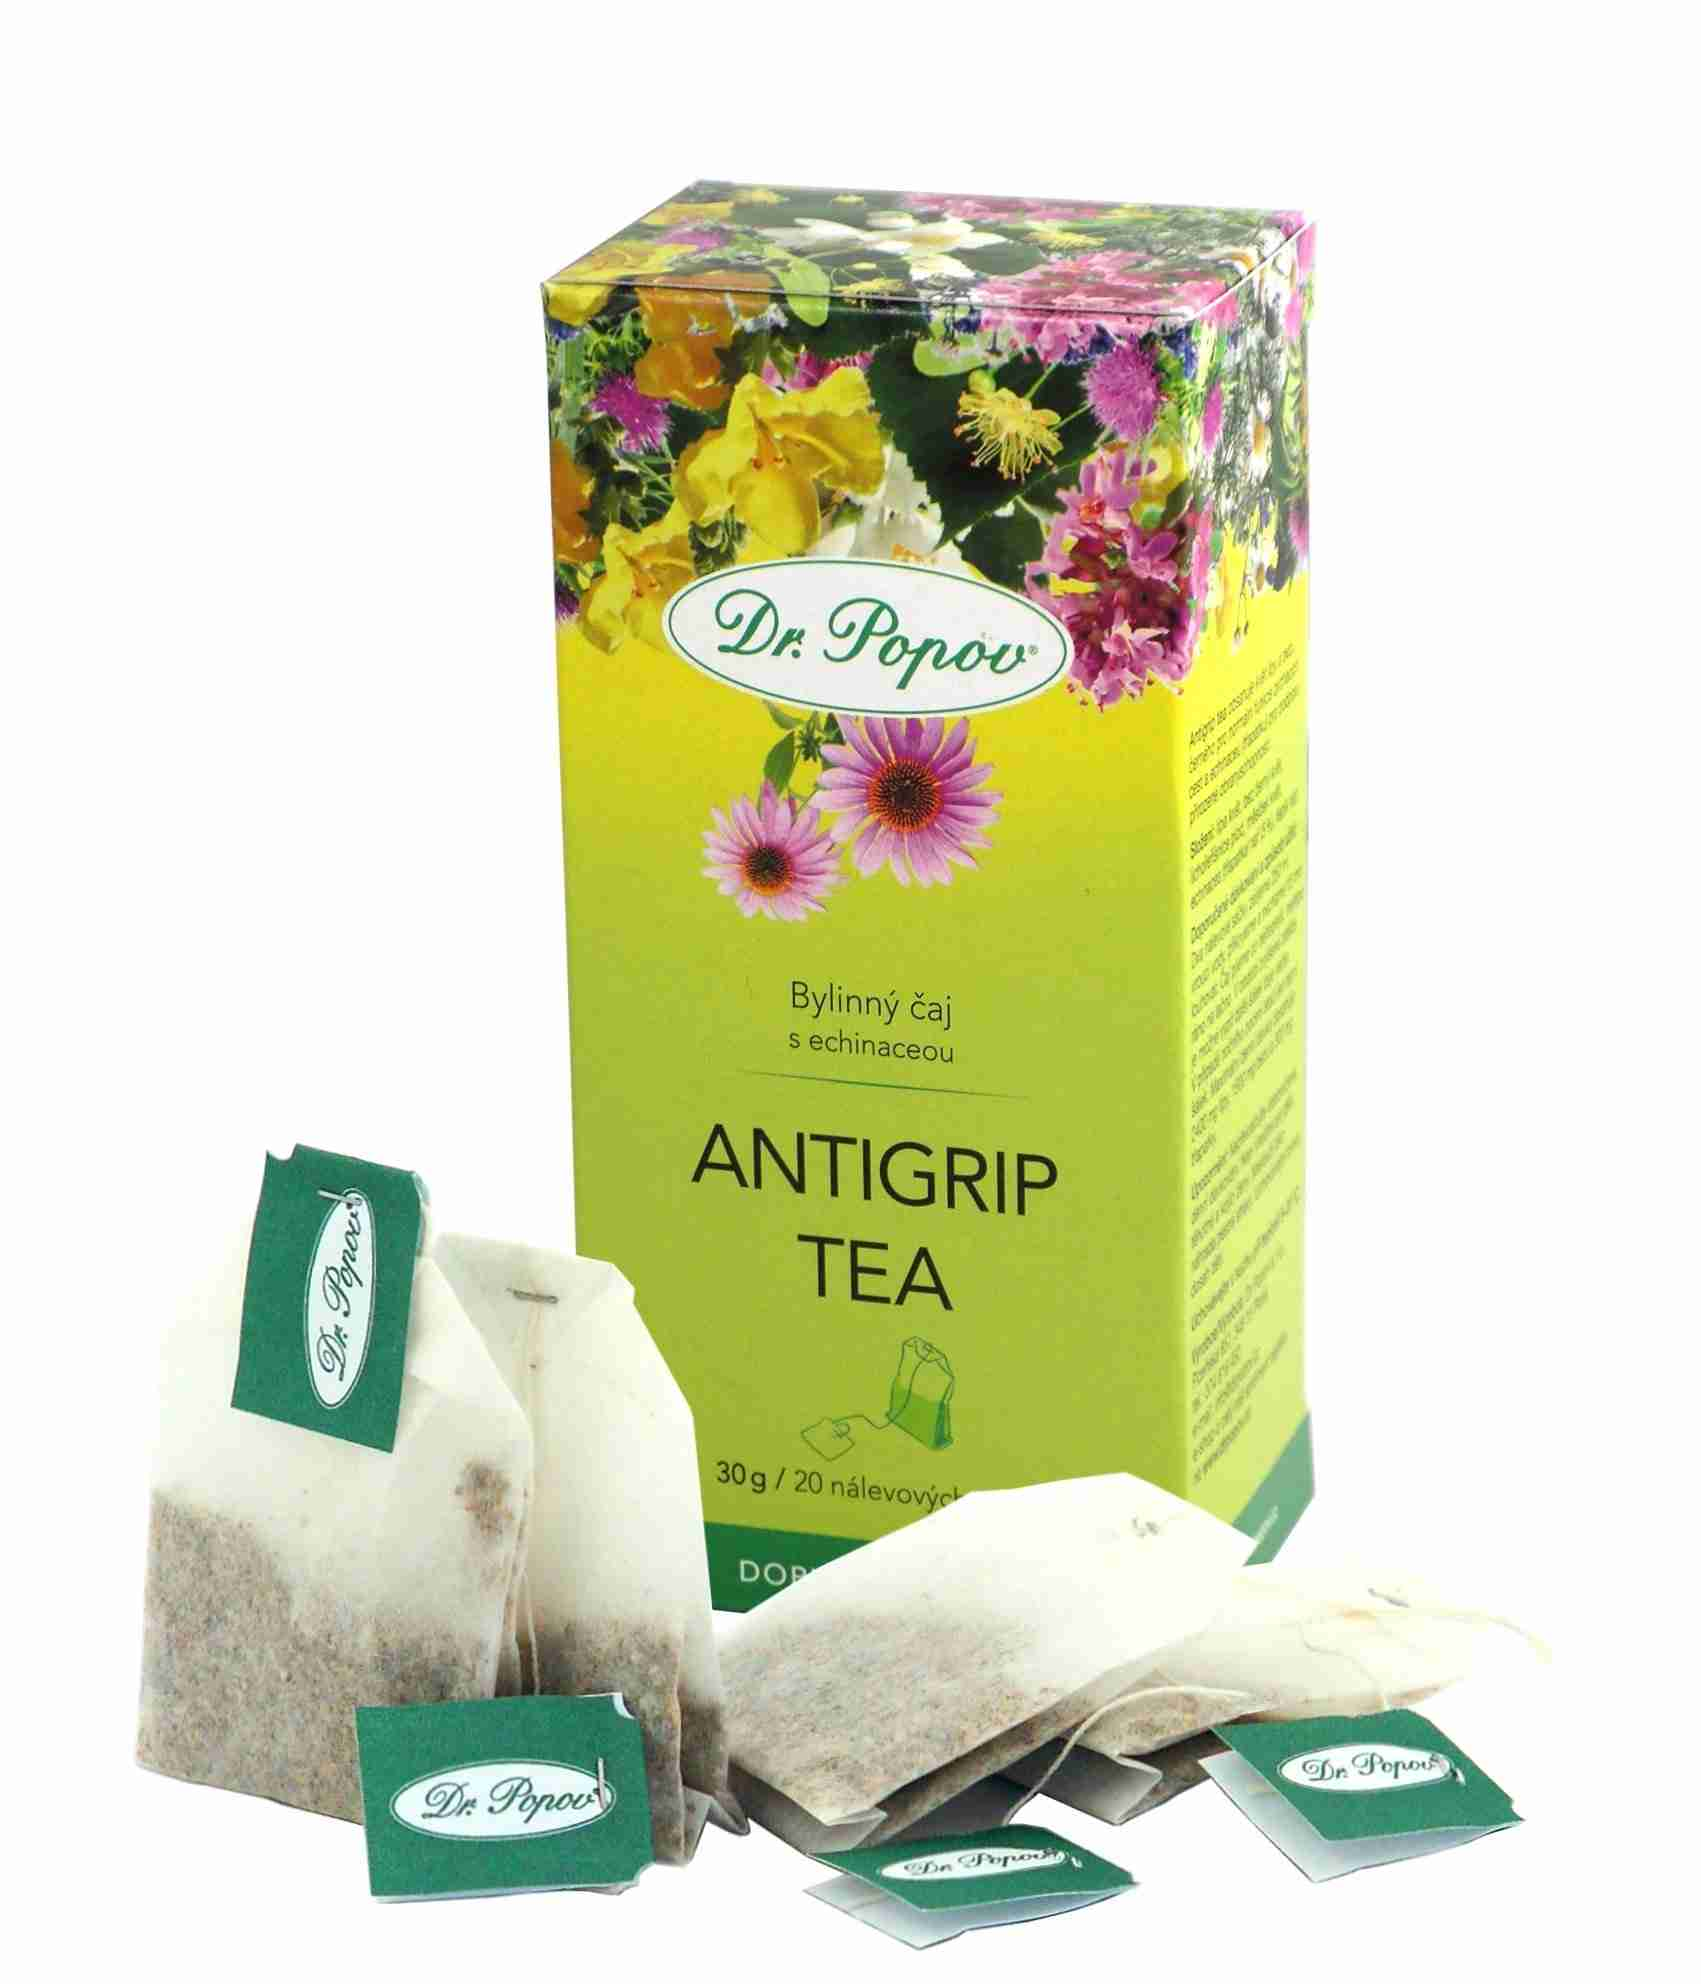 Dr. Popov Antigrip tea 20 n.s.